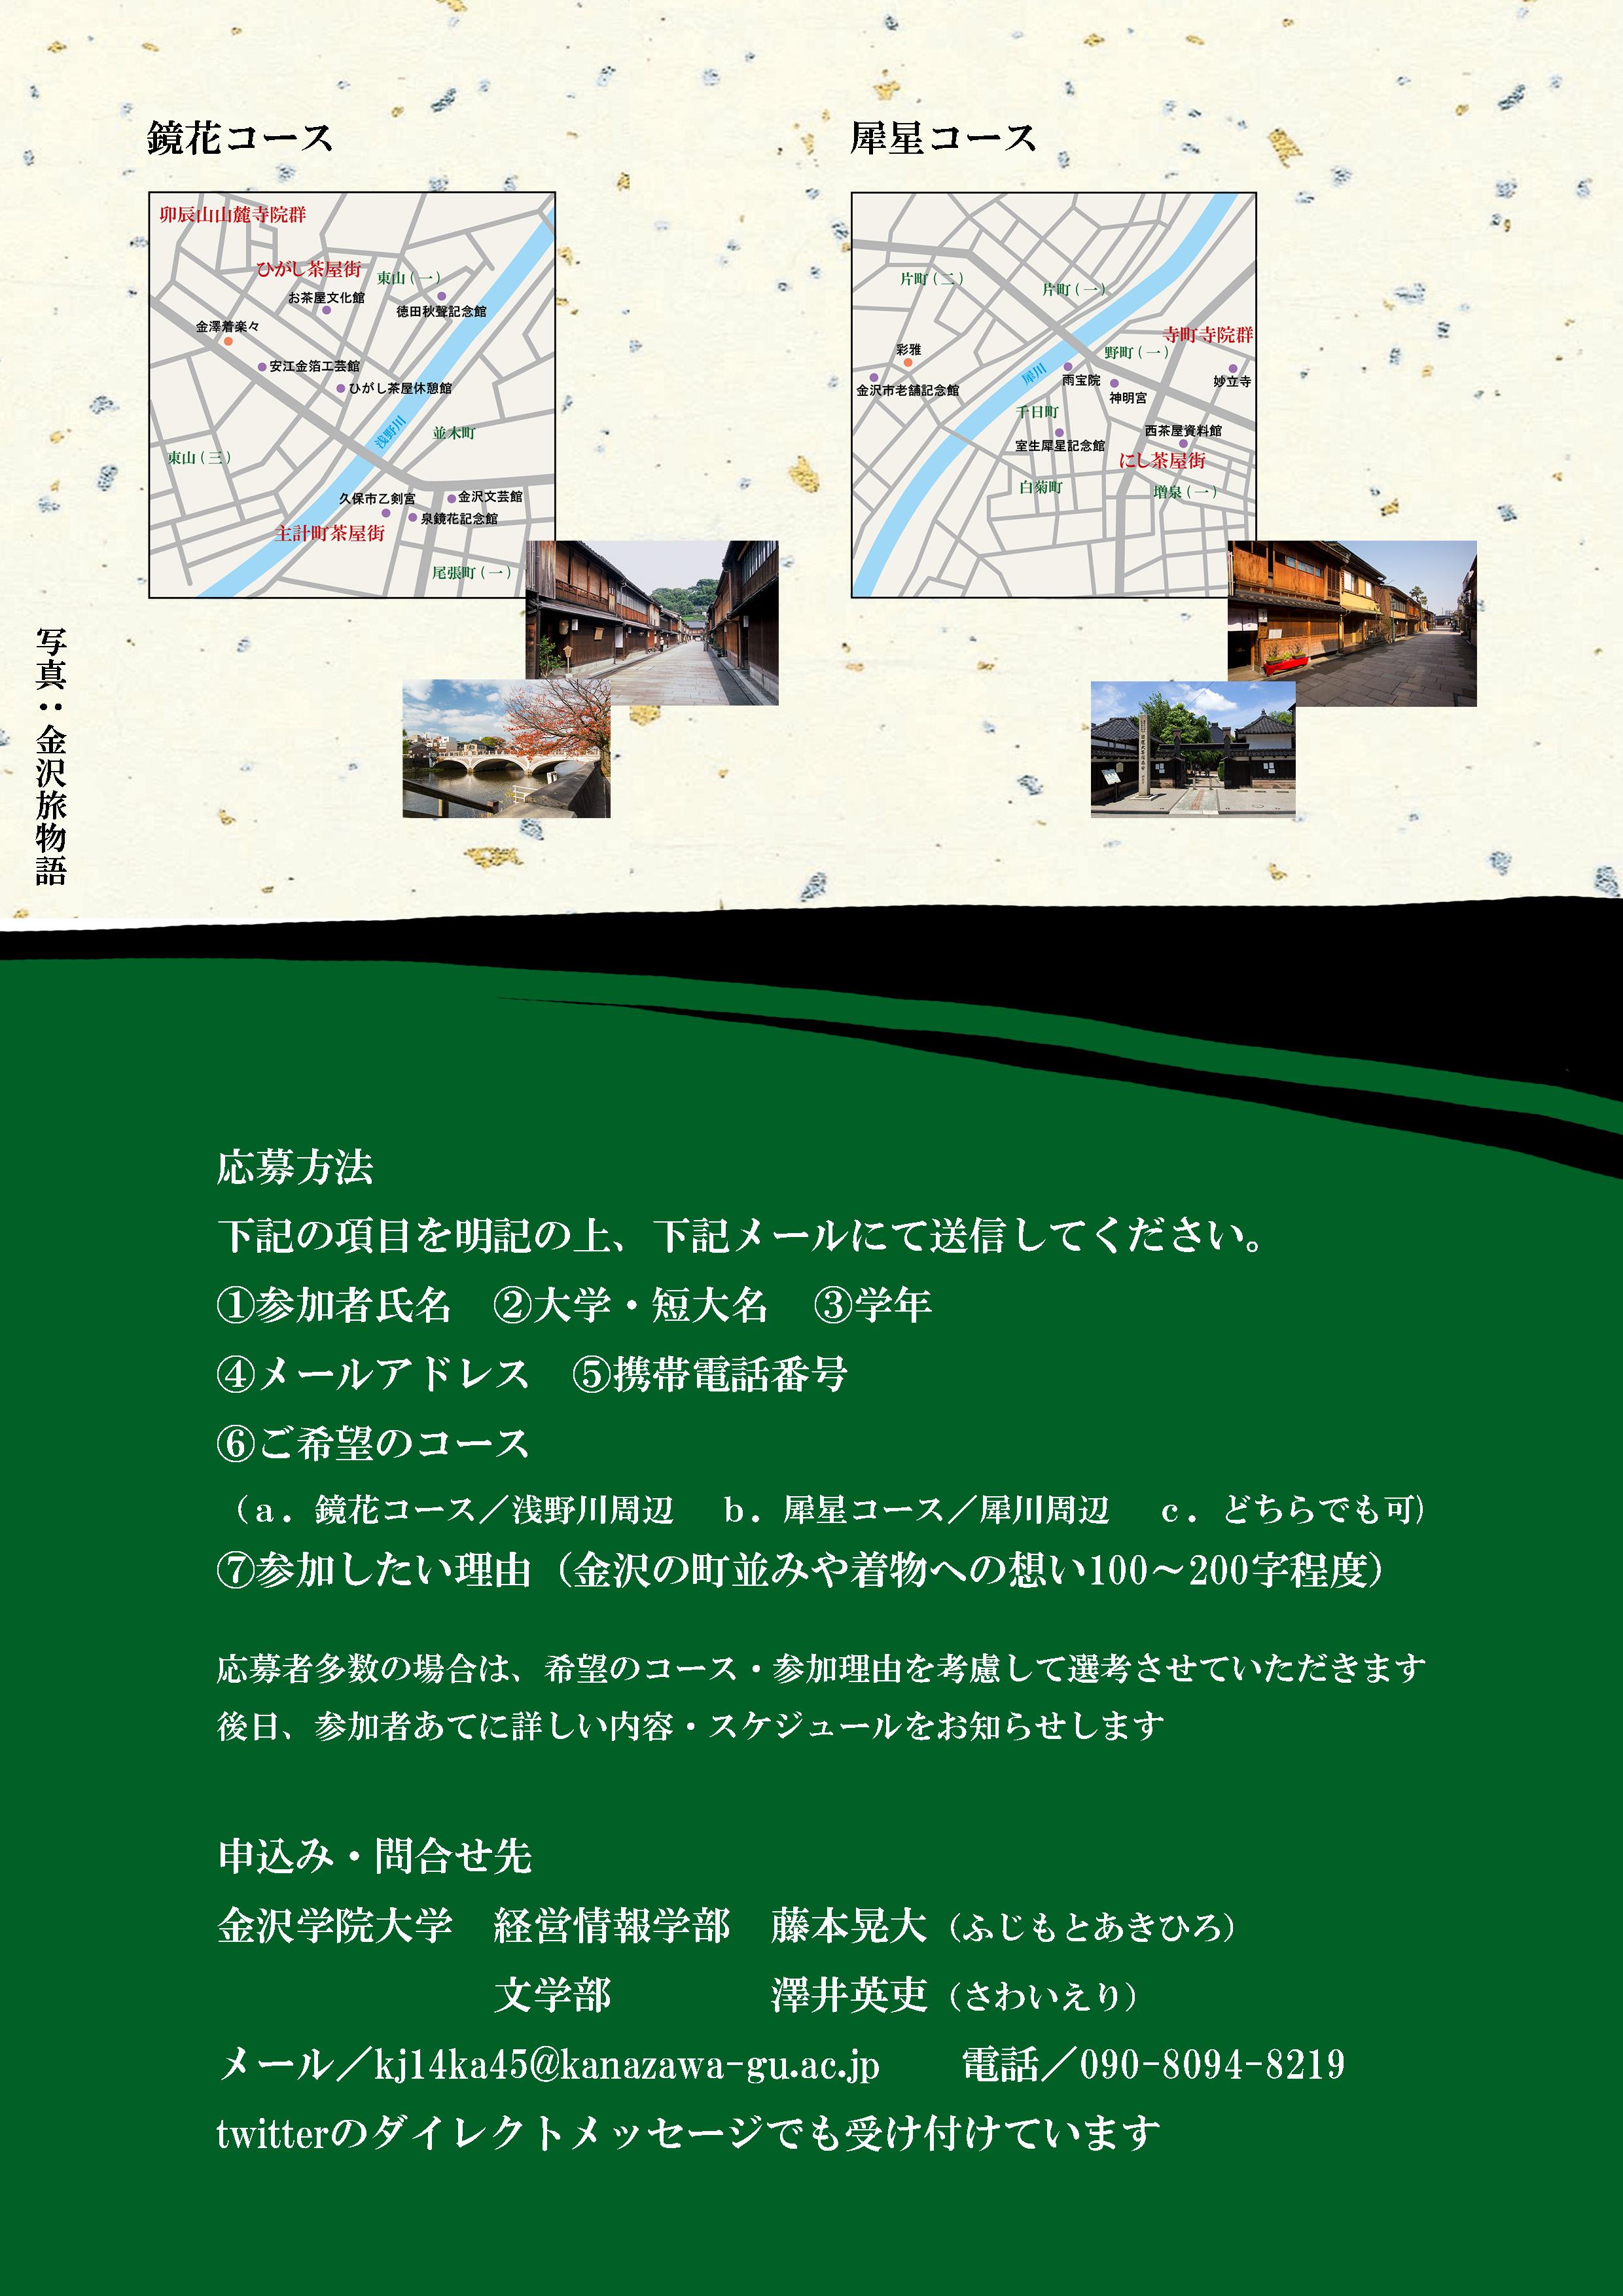 金沢キモノ発信2